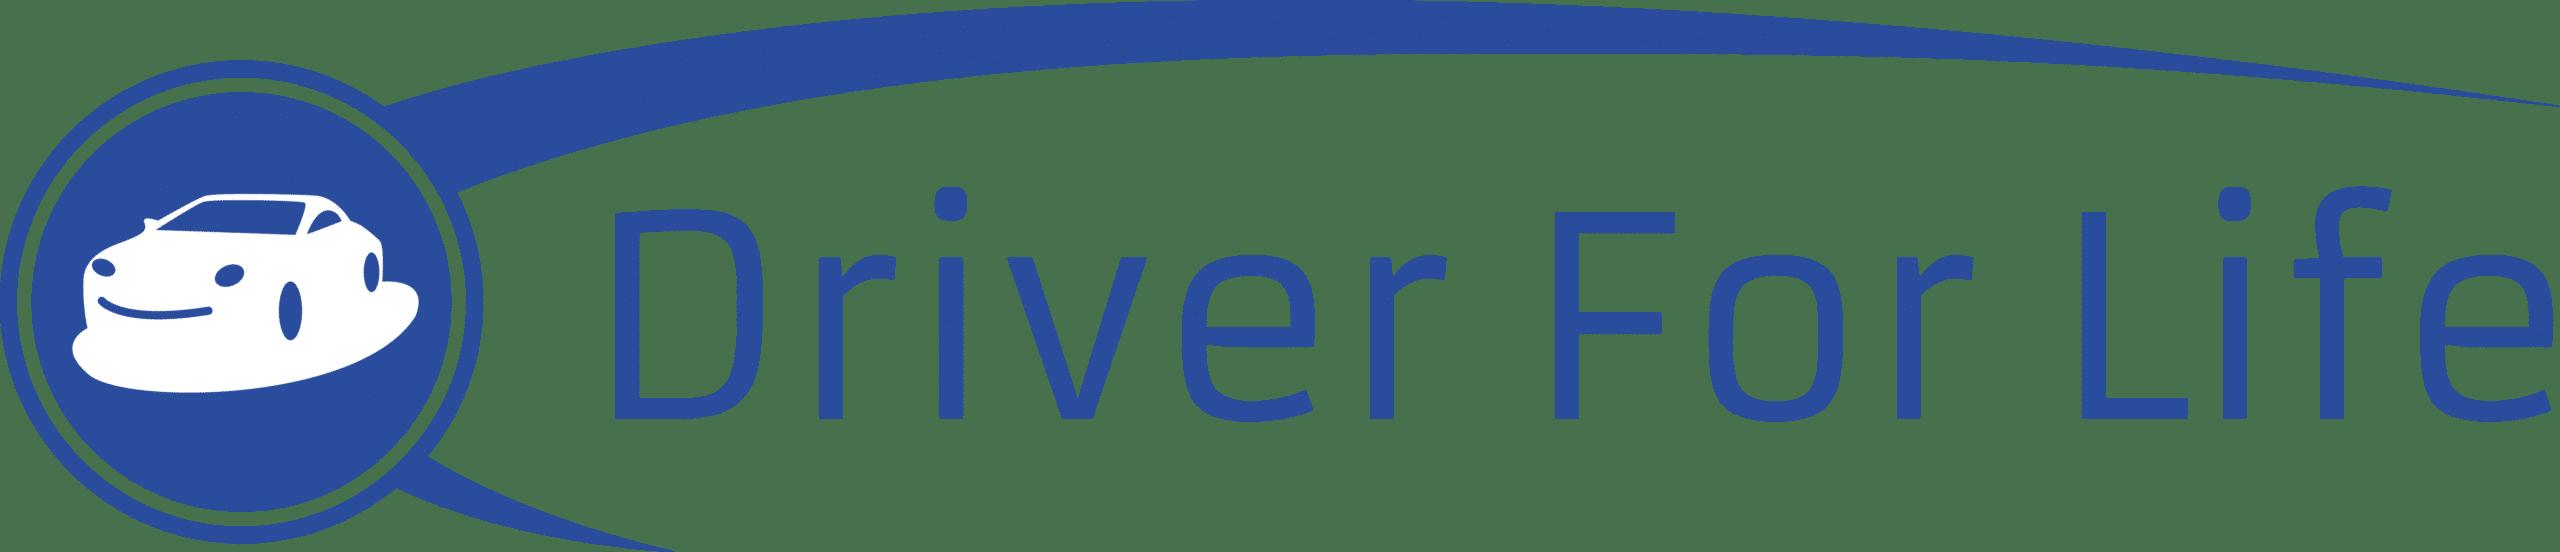 Scoala de soferi Driver For Life logo